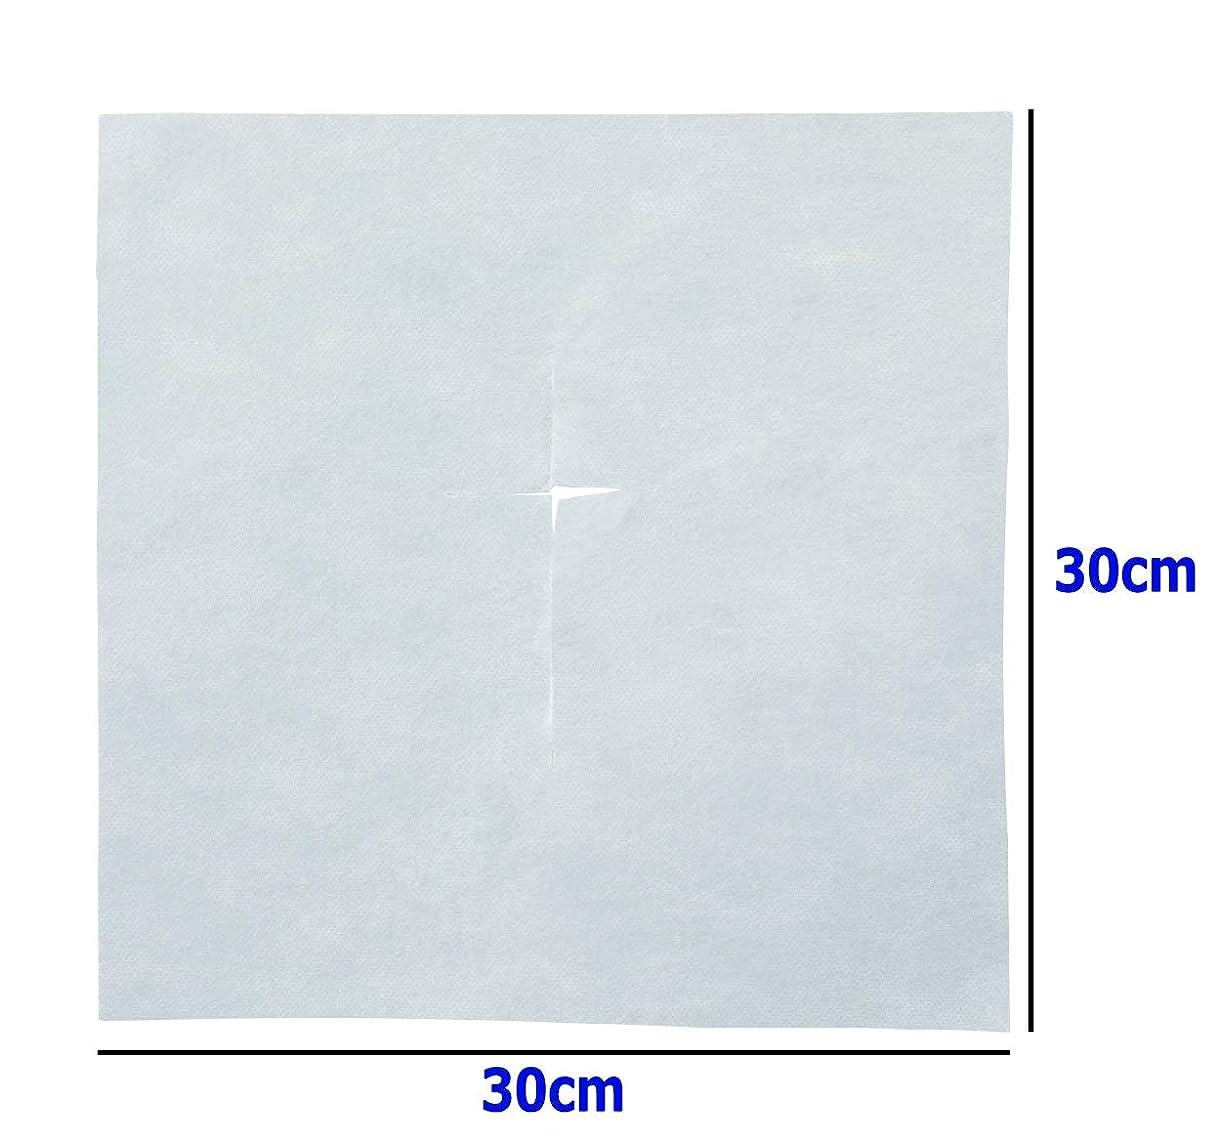 心のこもったワードローブ不透明なTheBeauty クロスカット ピローシート 30×30㎝ 200枚入 / フェイスペーパー